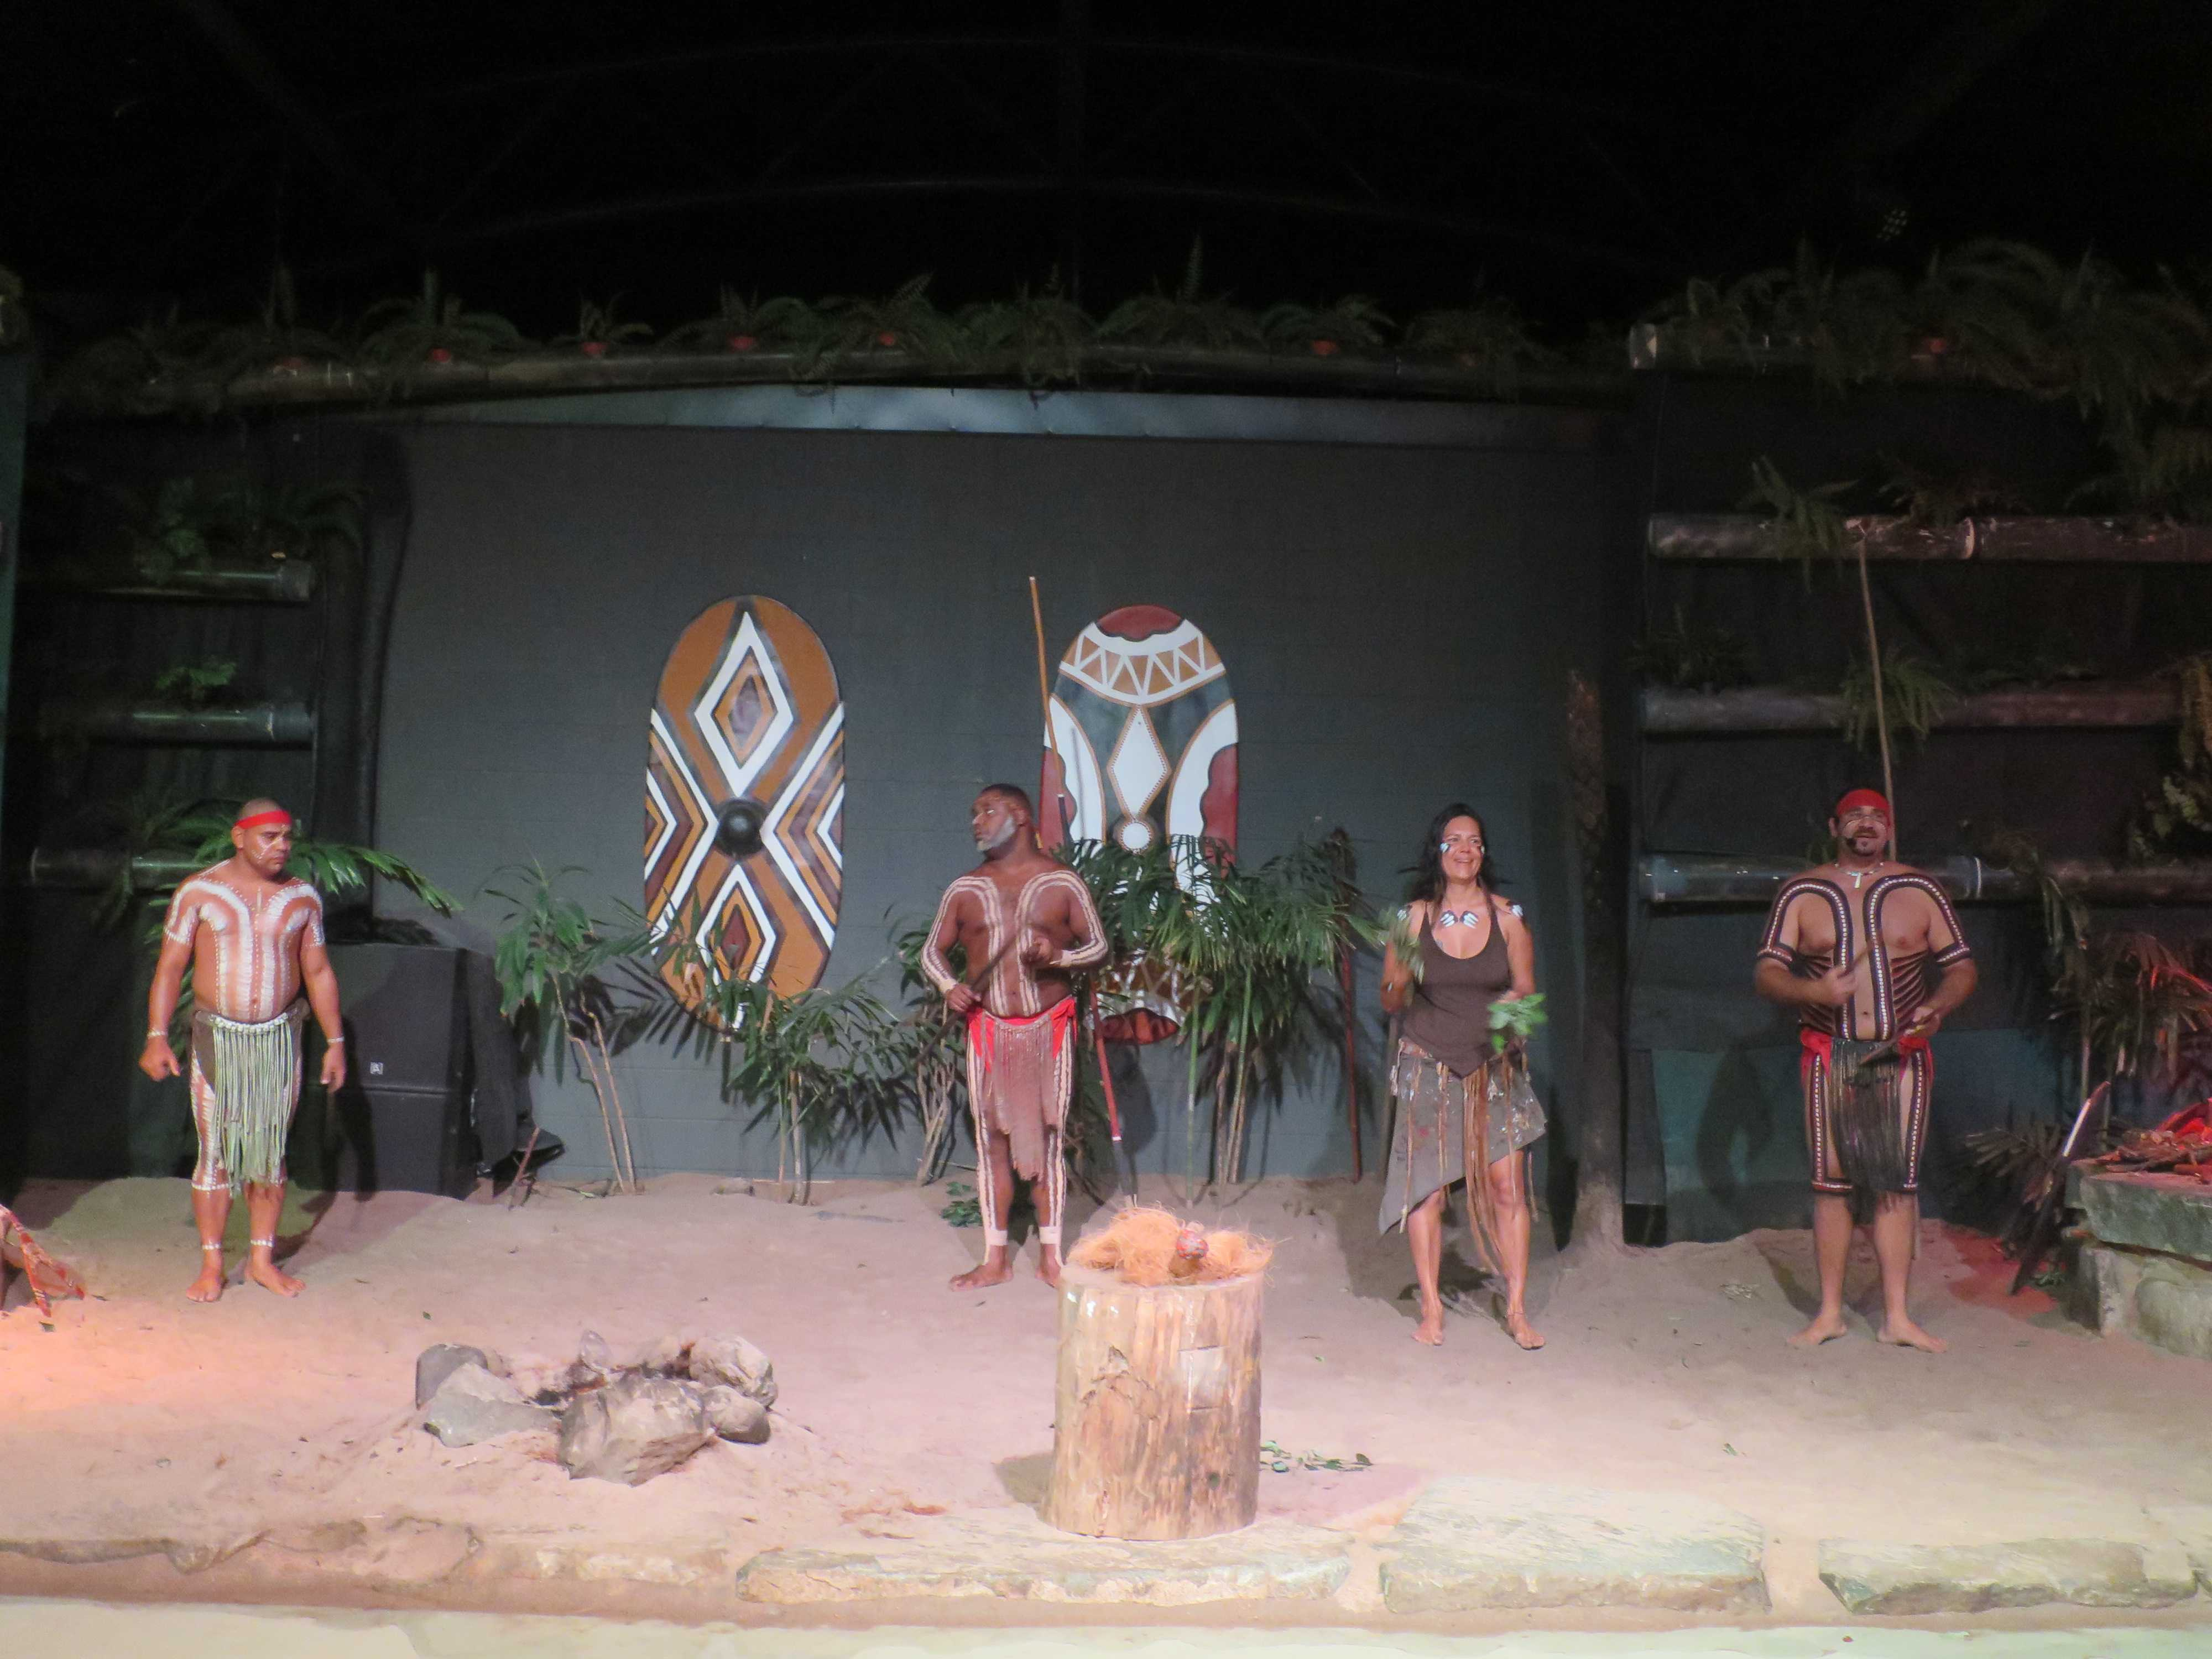 ジャプカイ族によるアボリジニダンスショー